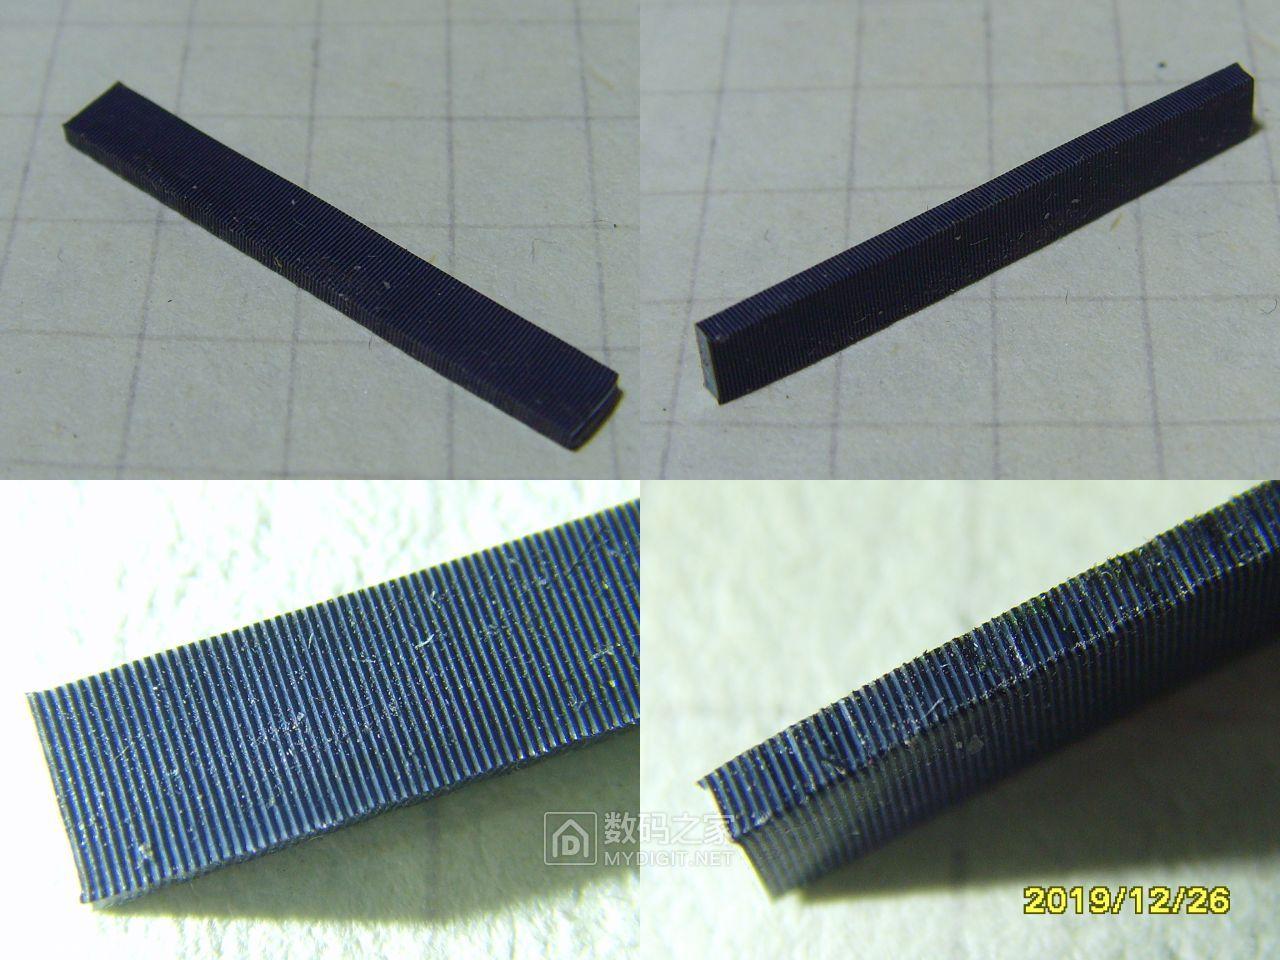 这就是传说中的导电橡胶条。